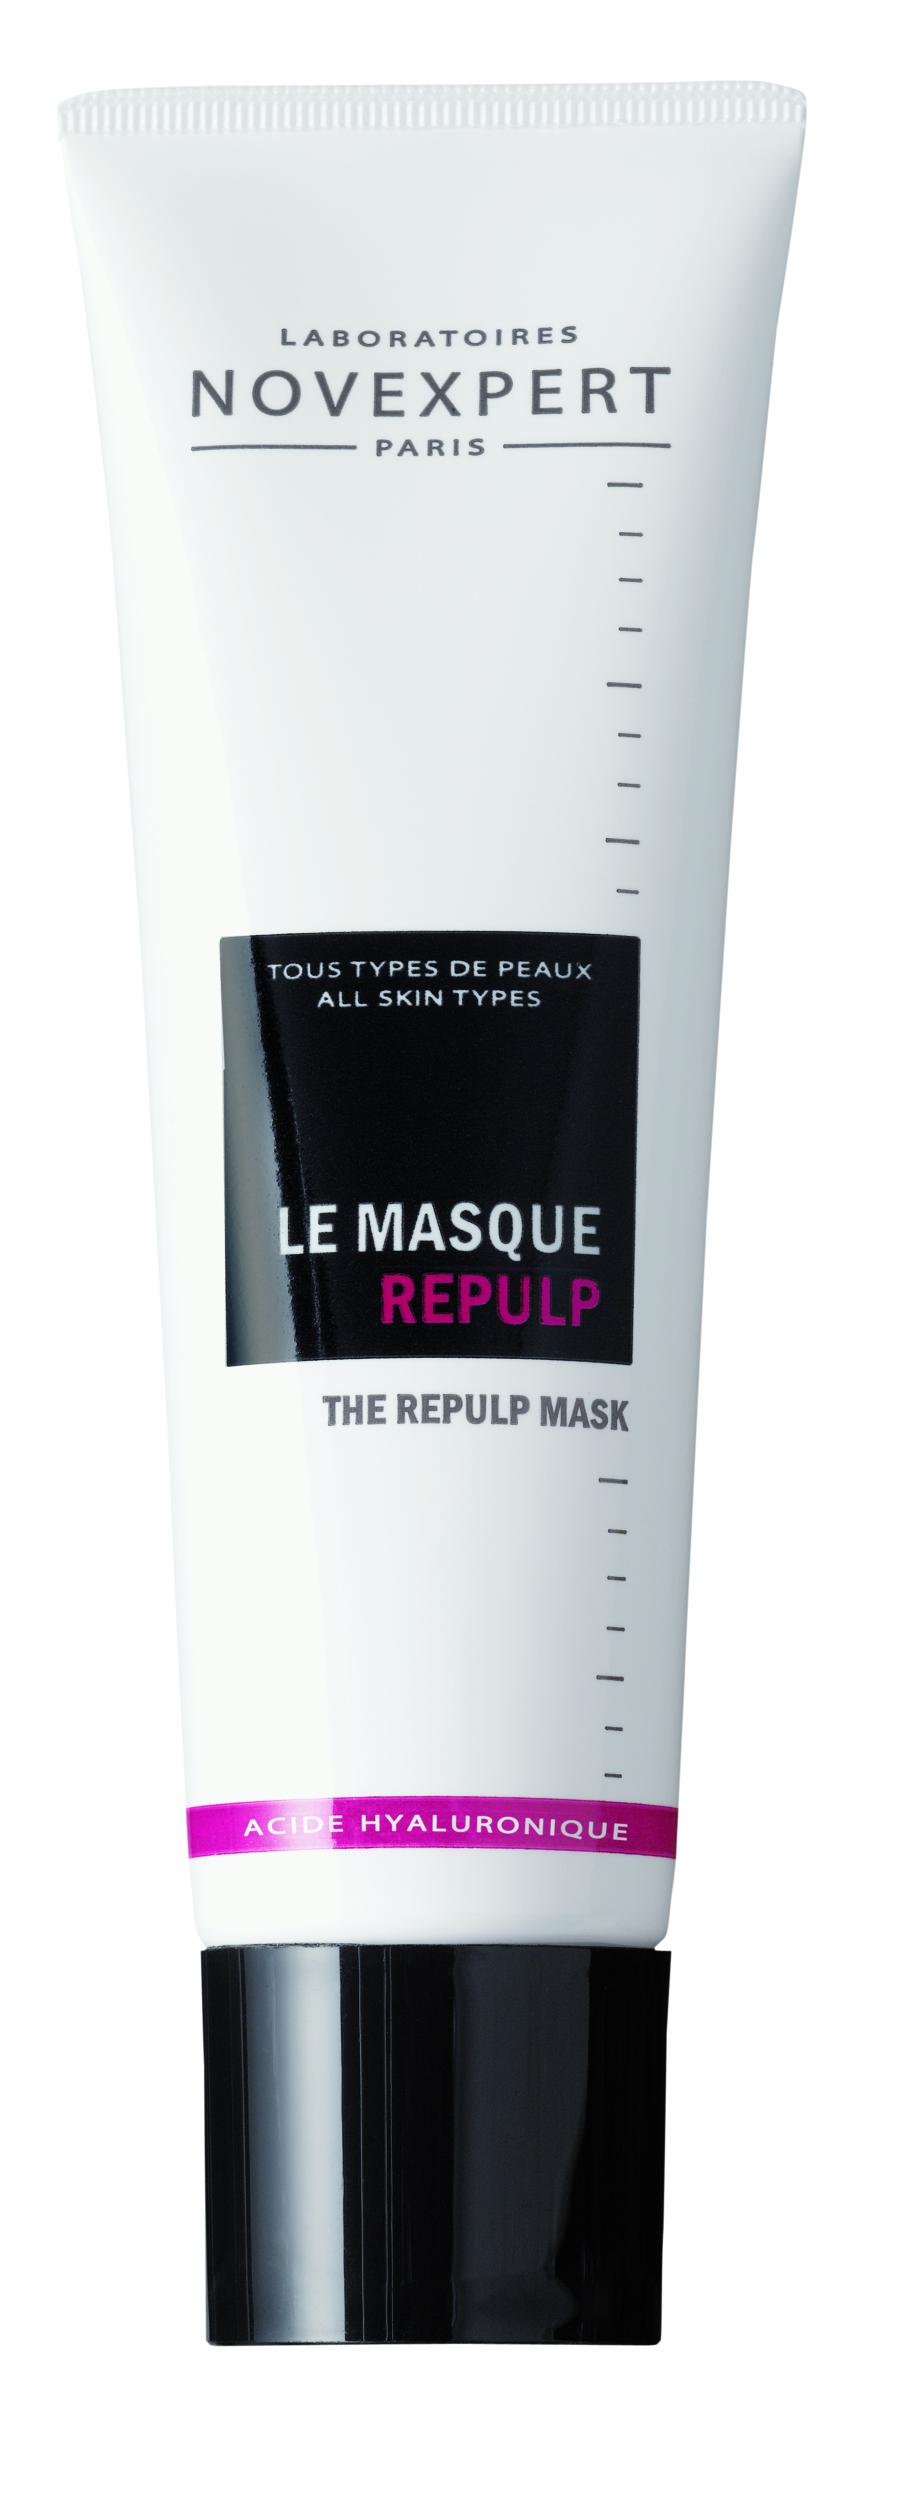 Masque-Repulp-Novexpert